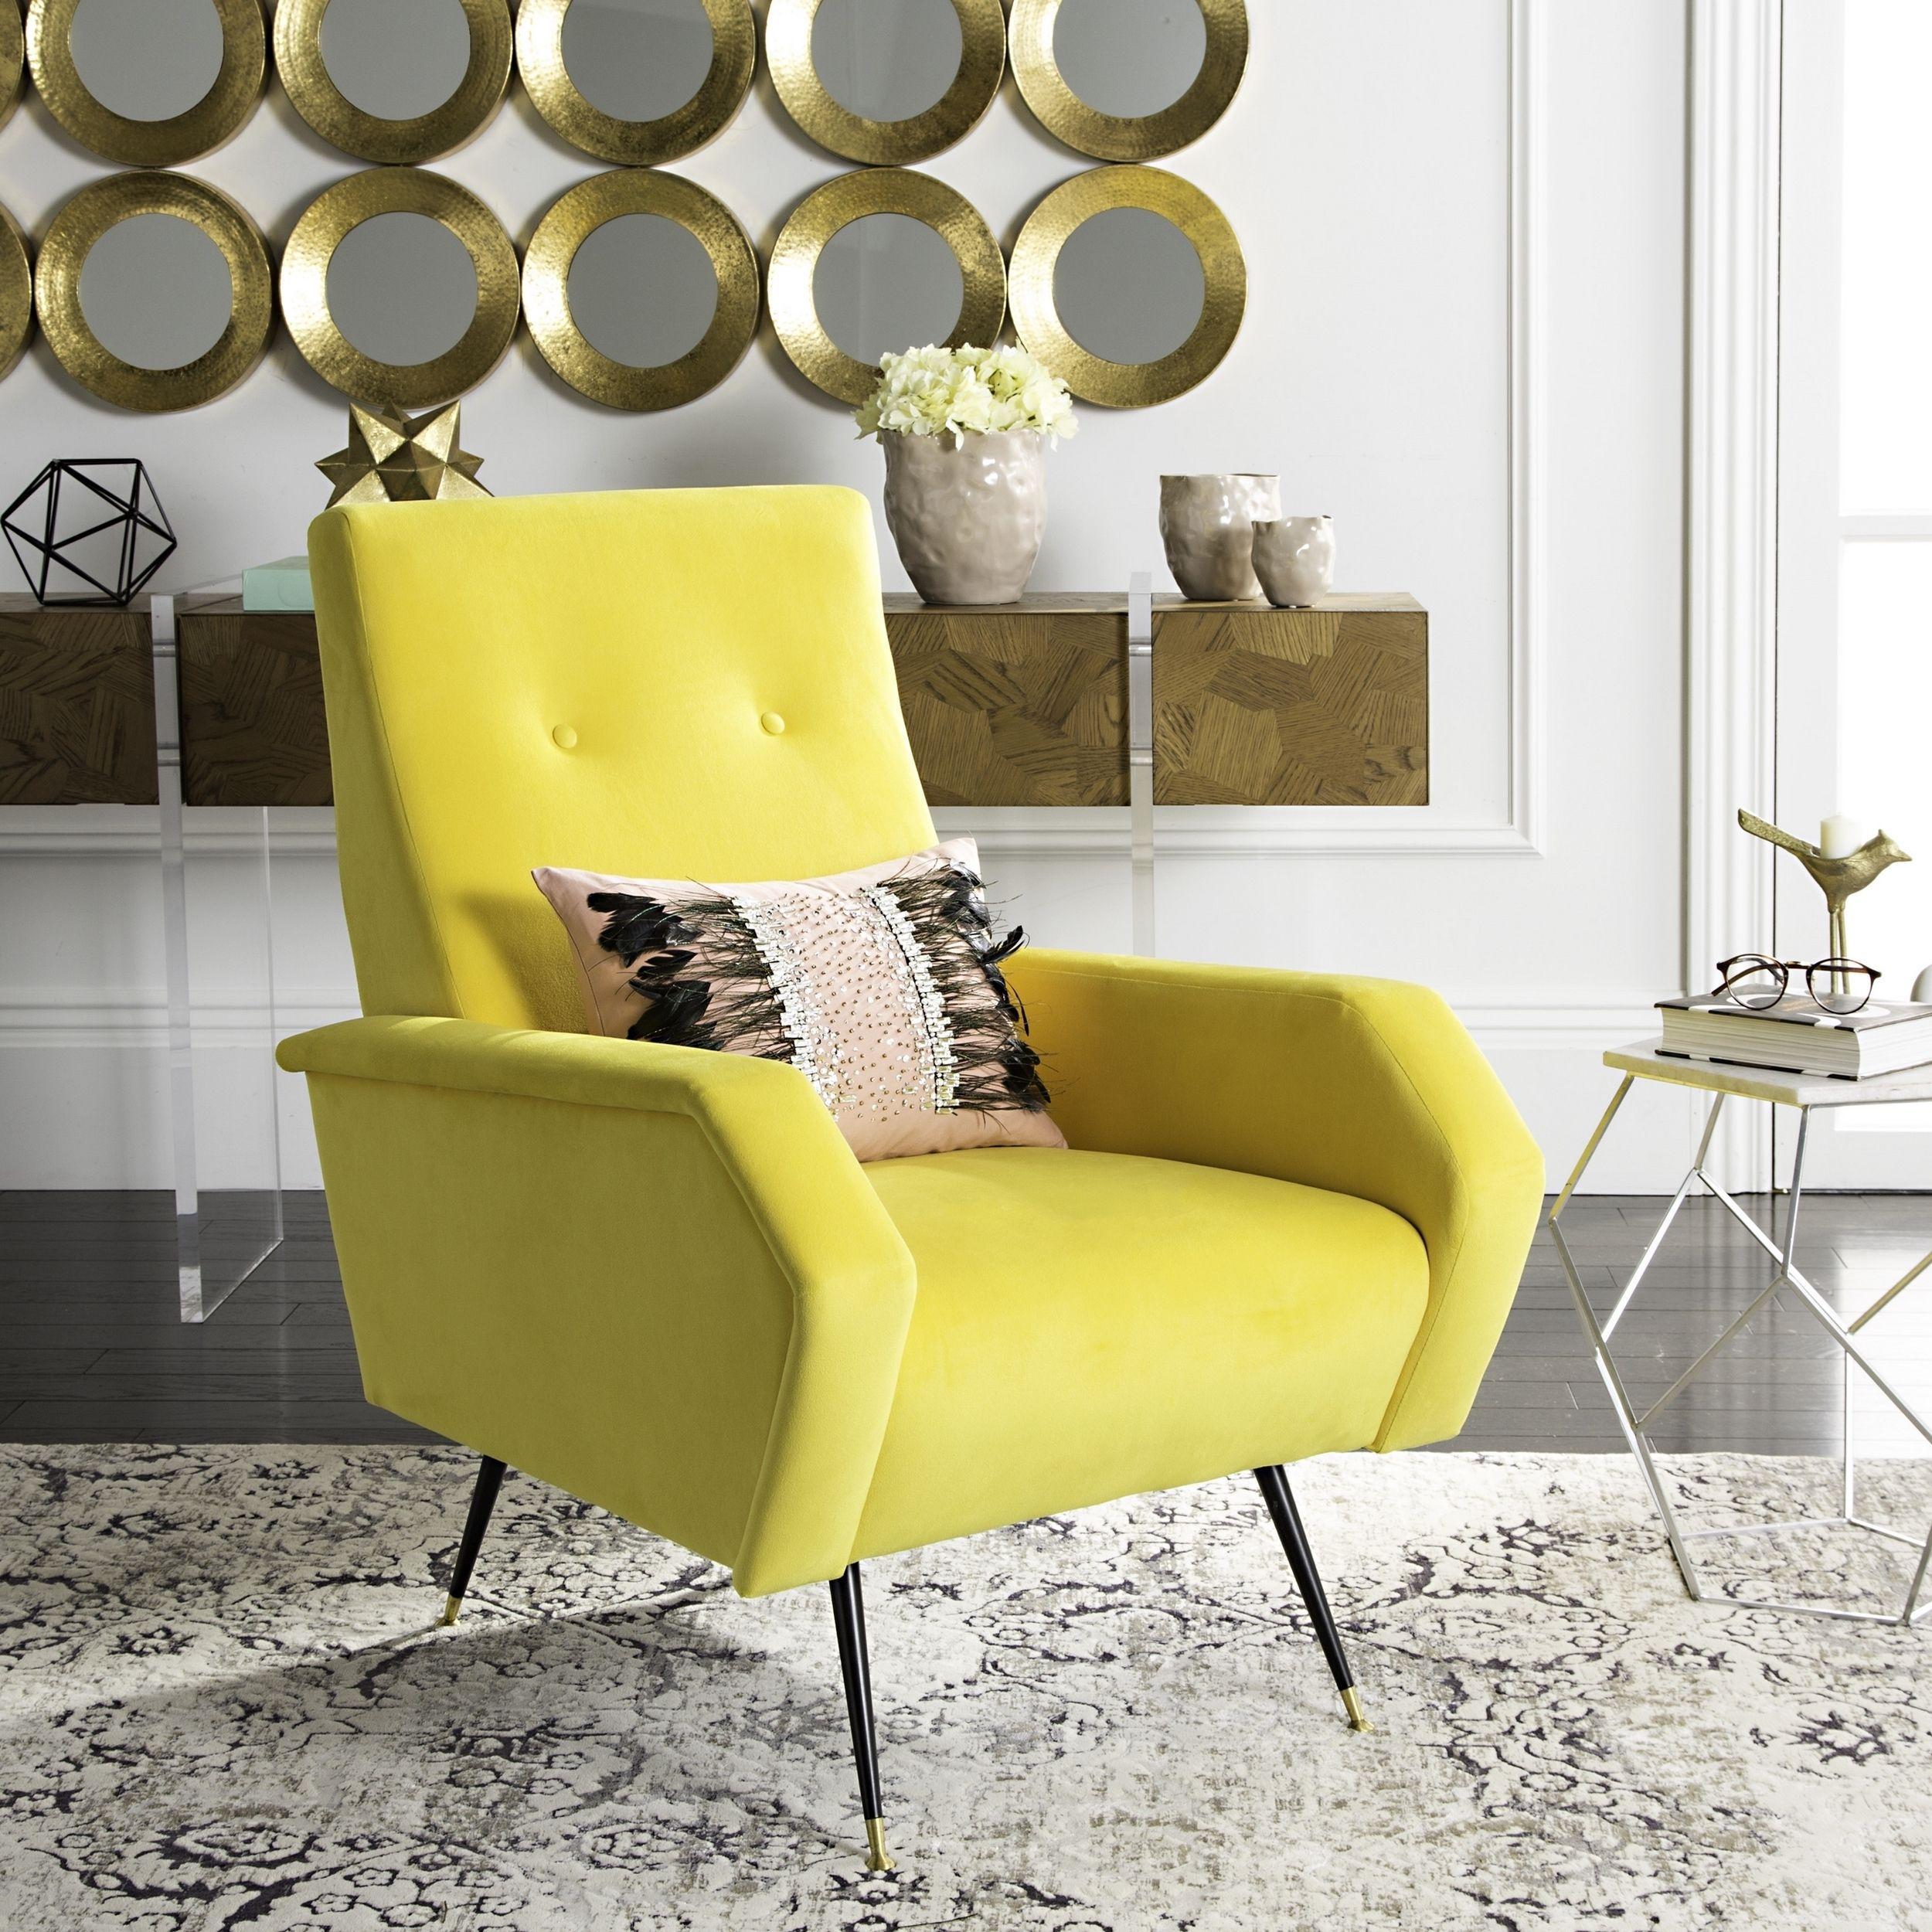 Stühle Kleine Sessel Gelb Bequemen Stuhl Kaufen Gelbe Sessel